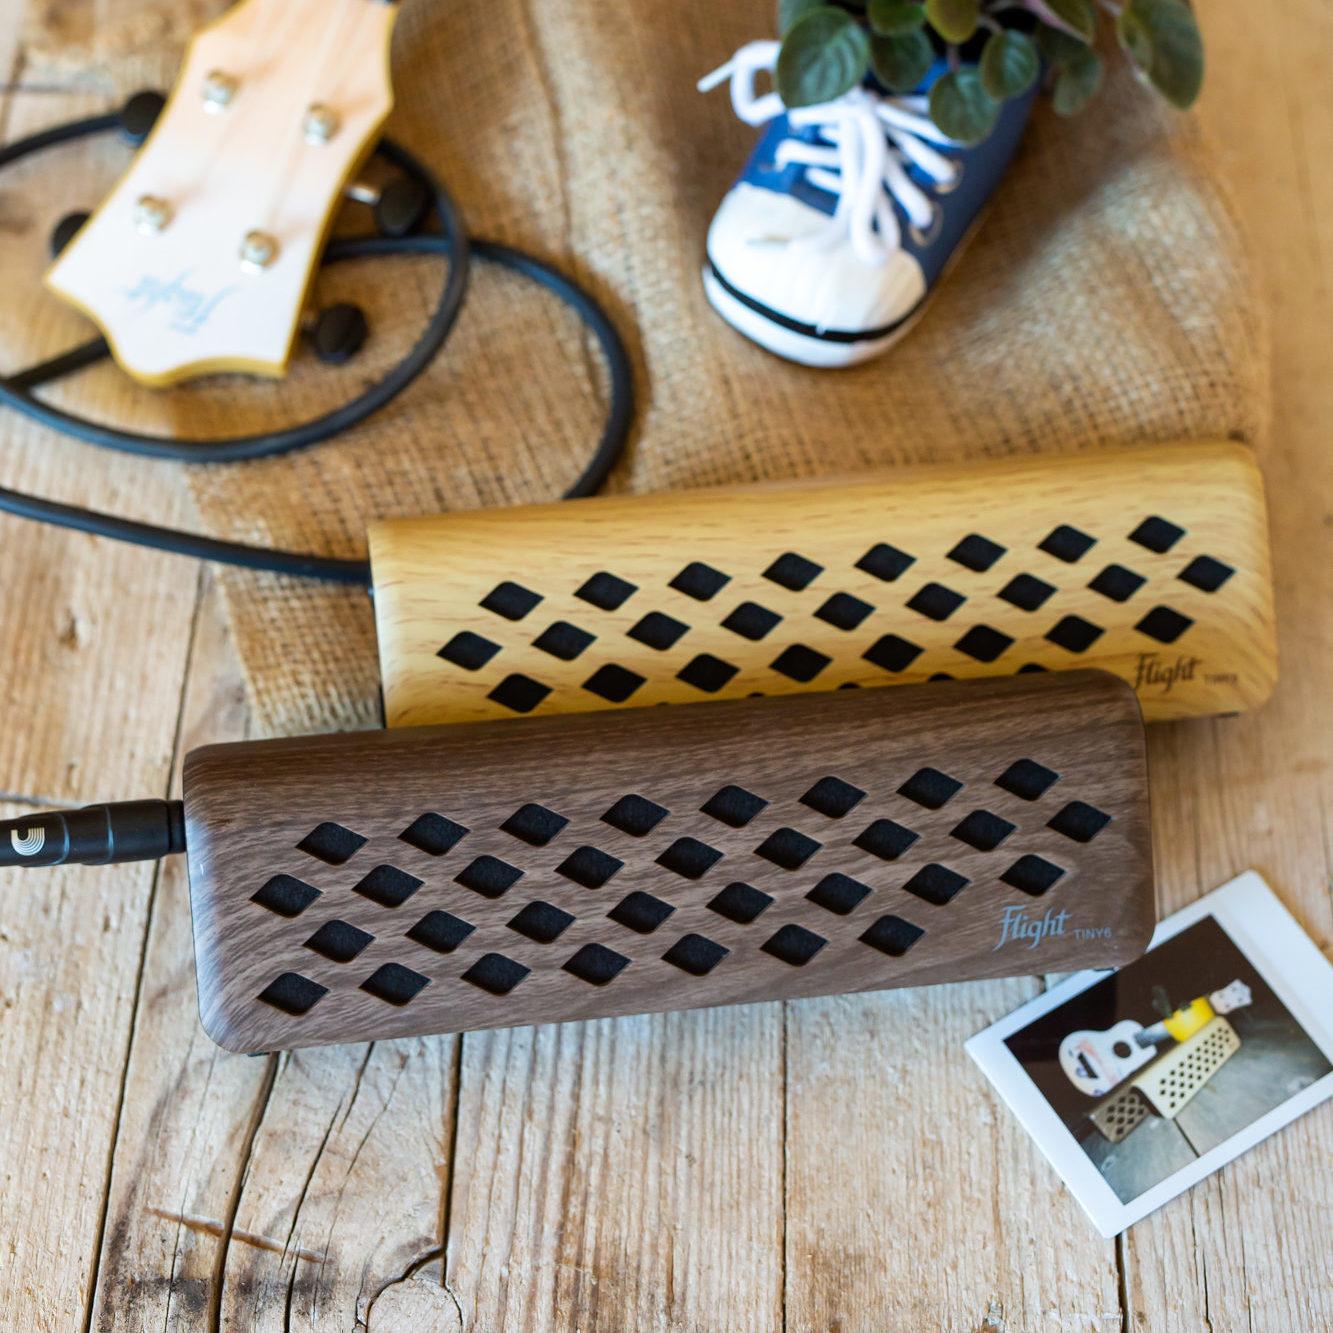 TINY6 Lifestyle Flight ukulele amplifier (18)